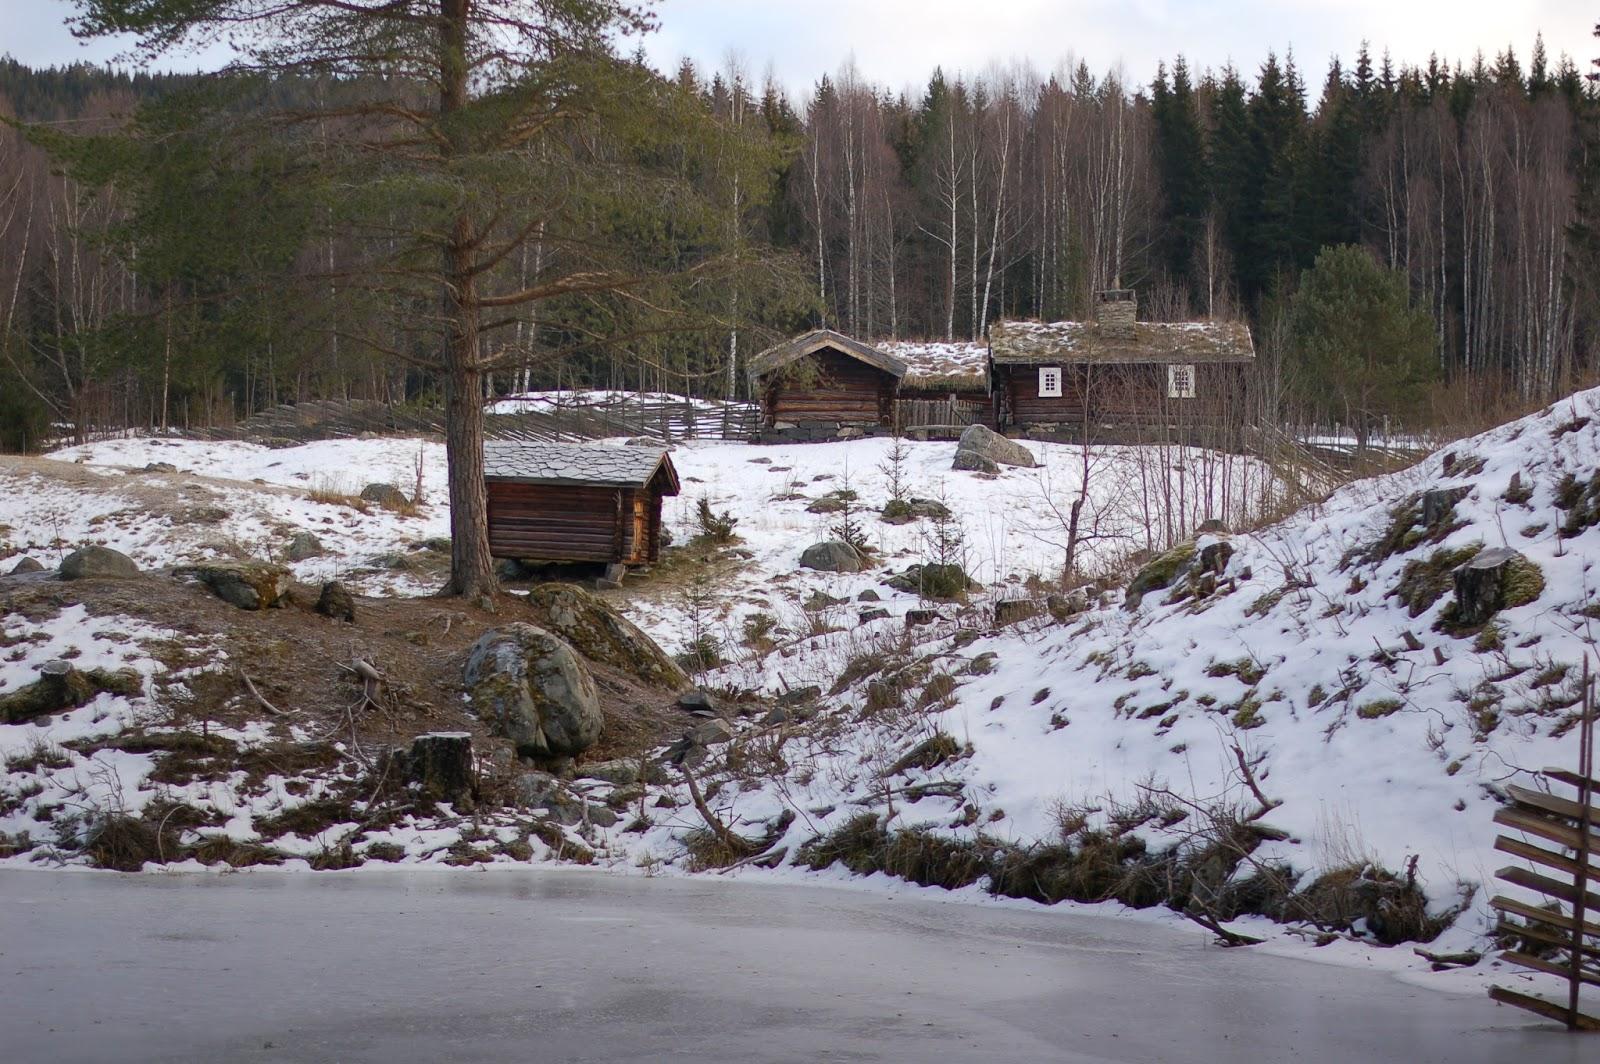 lillehammer na noruega